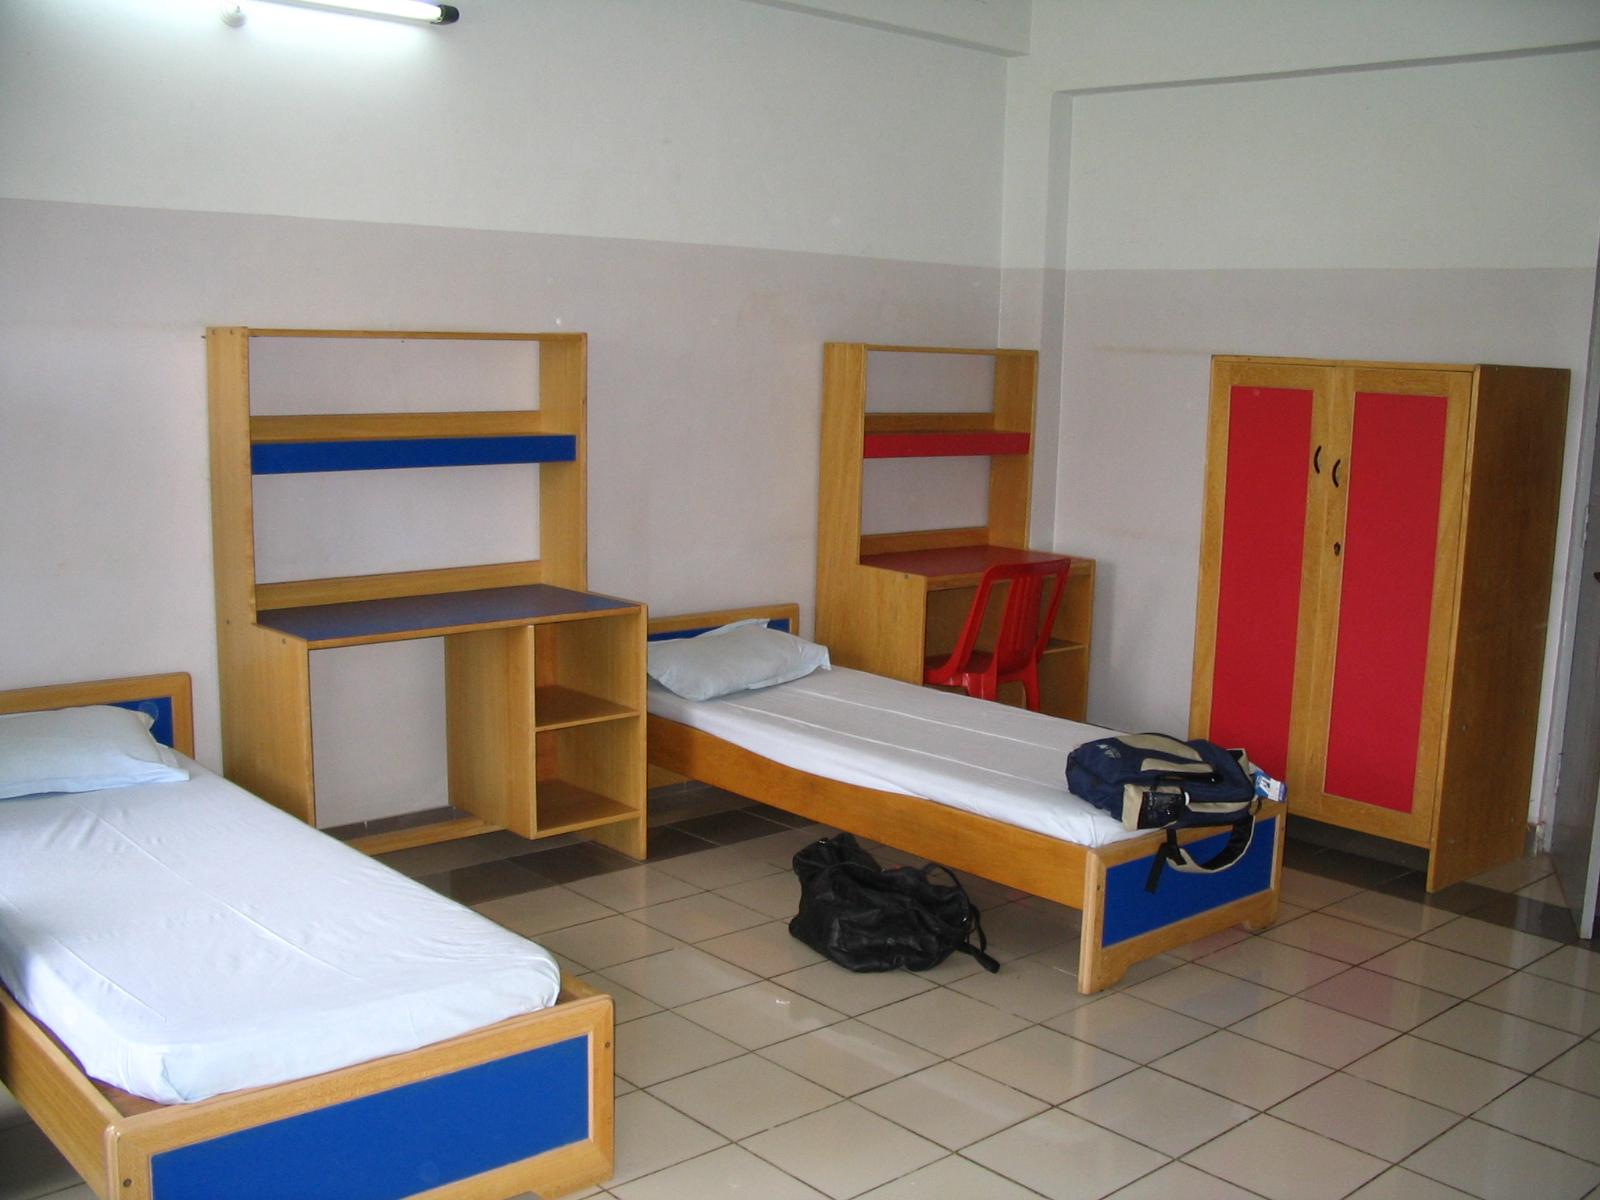 الـسكن الـدراسى فى مالـيزيا سكن الطلاب في ماليزيا